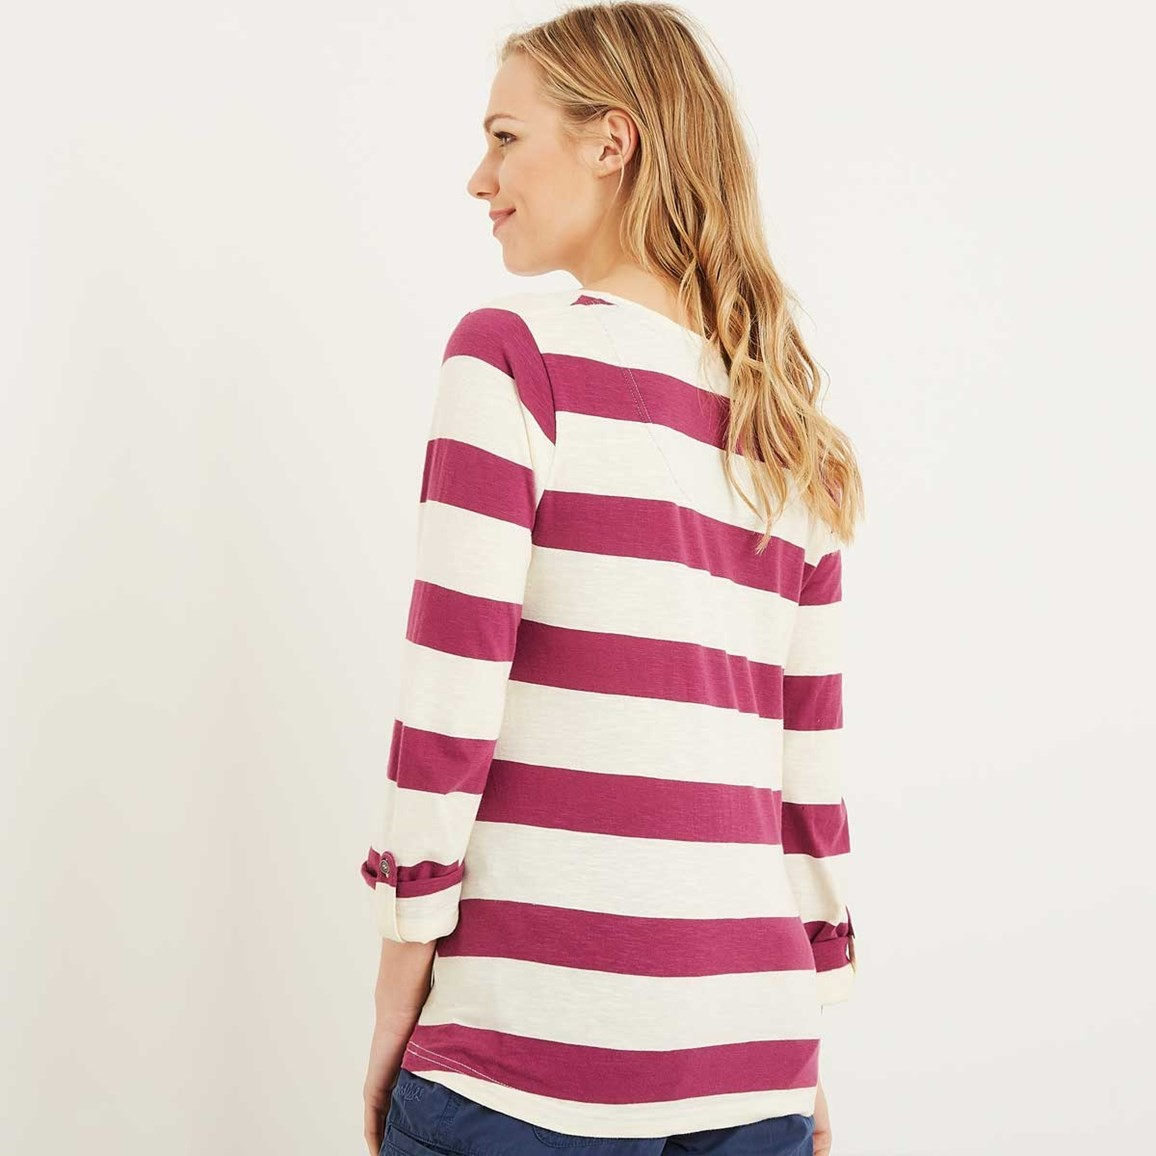 Ajay cotton slub stripe long sleeve t shirt boysenberry for What is a slub shirt